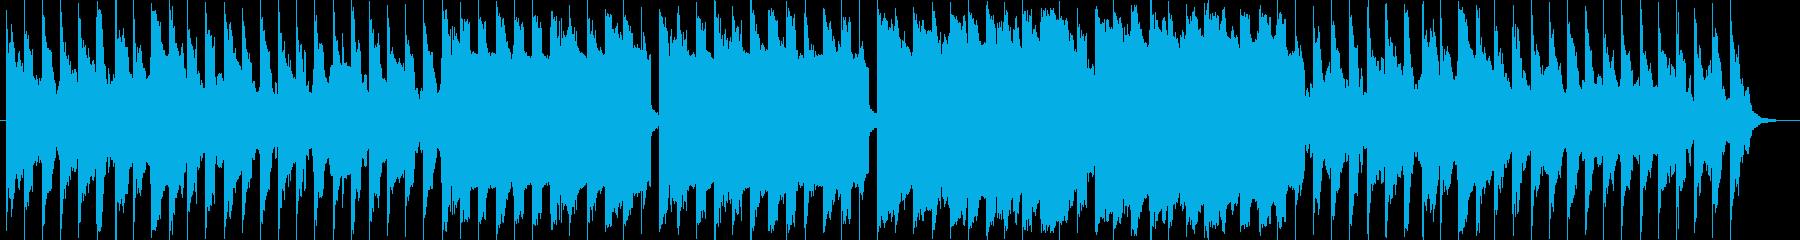 童謡「こいのぼり」シンプルなアレンジの再生済みの波形